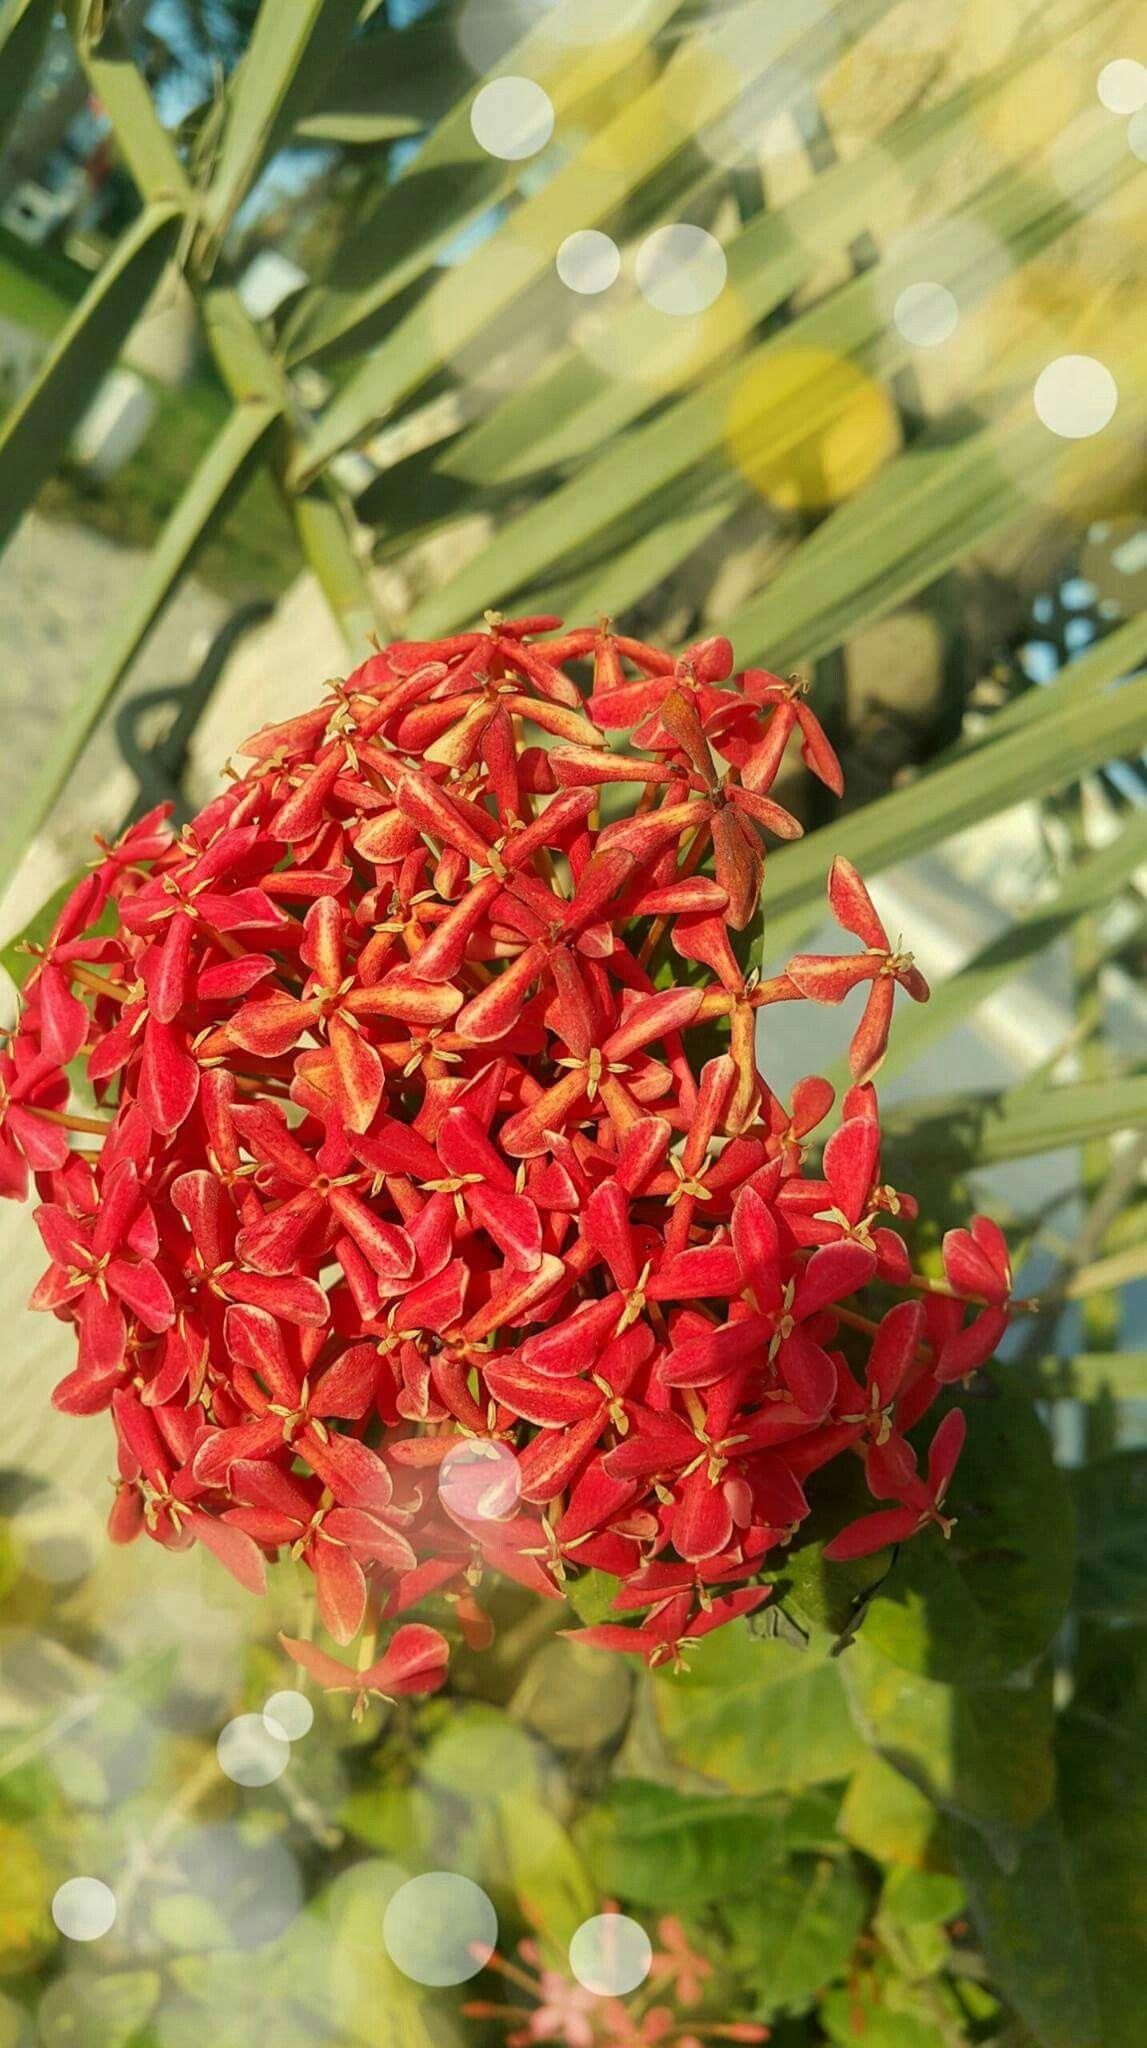 تصويري أمل الحسن جدة Flowers Plants Red Peppercorn